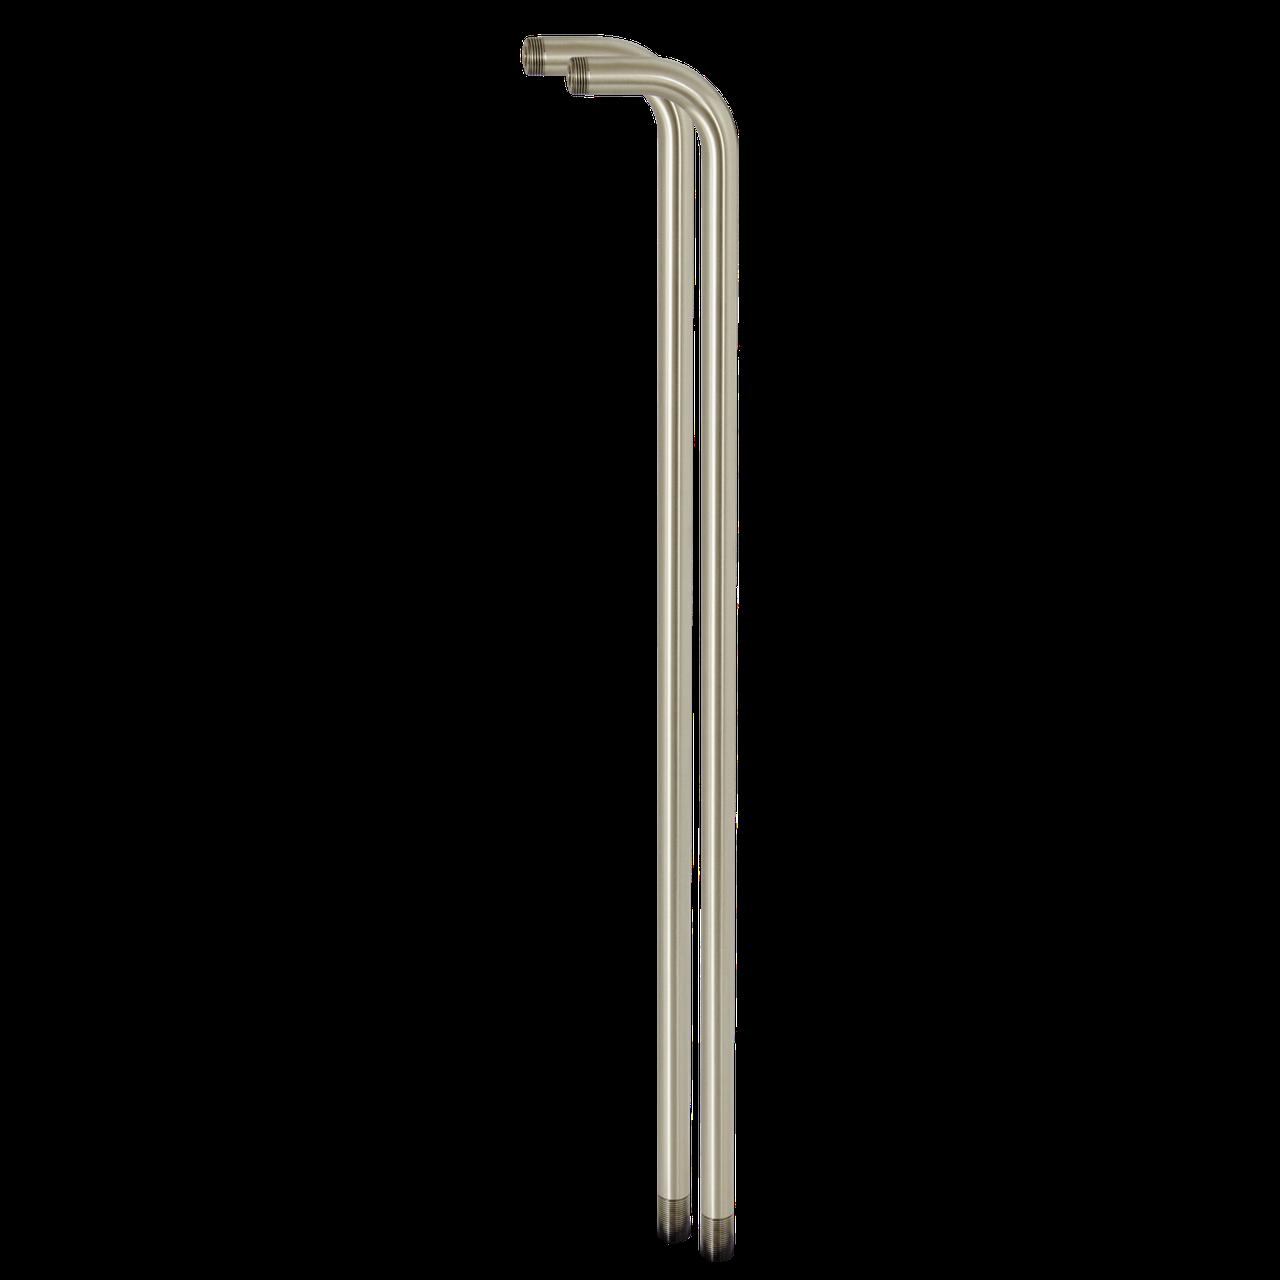 Стойки (2 штуки) для смесителя в ванную (античная латунь)